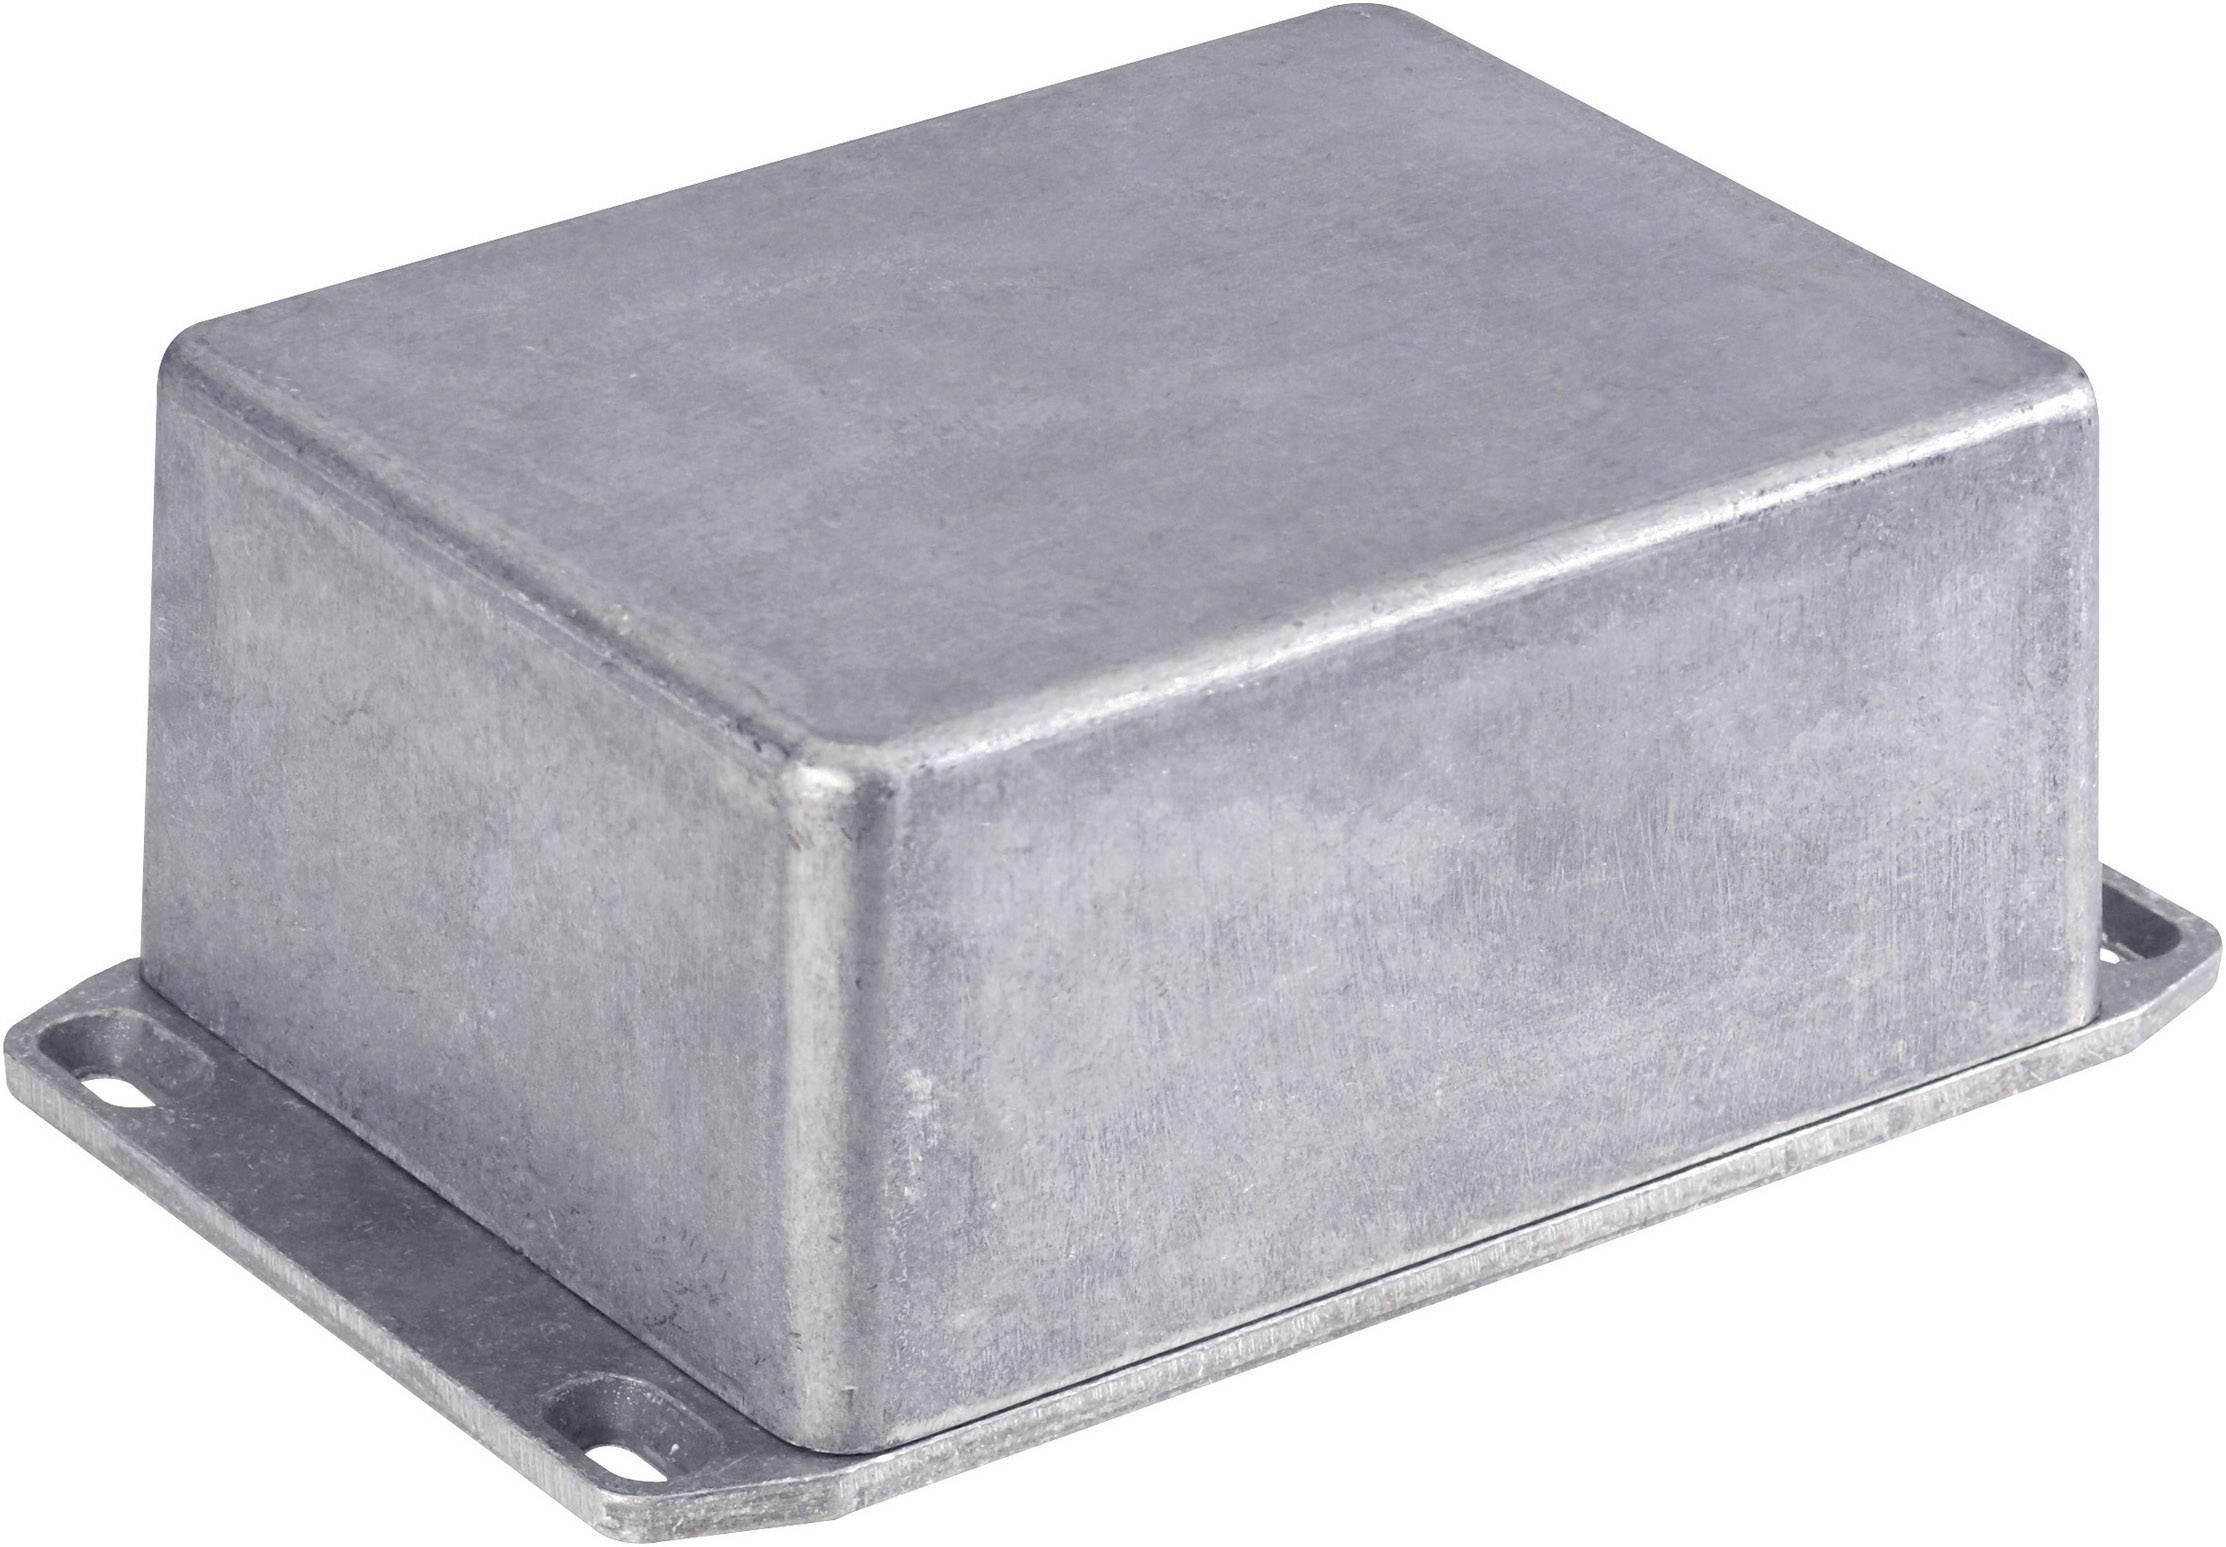 Univerzální pouzdro hliník Hammond Electronics 1590WBFLBK 112 x 60 x 31 1 ks